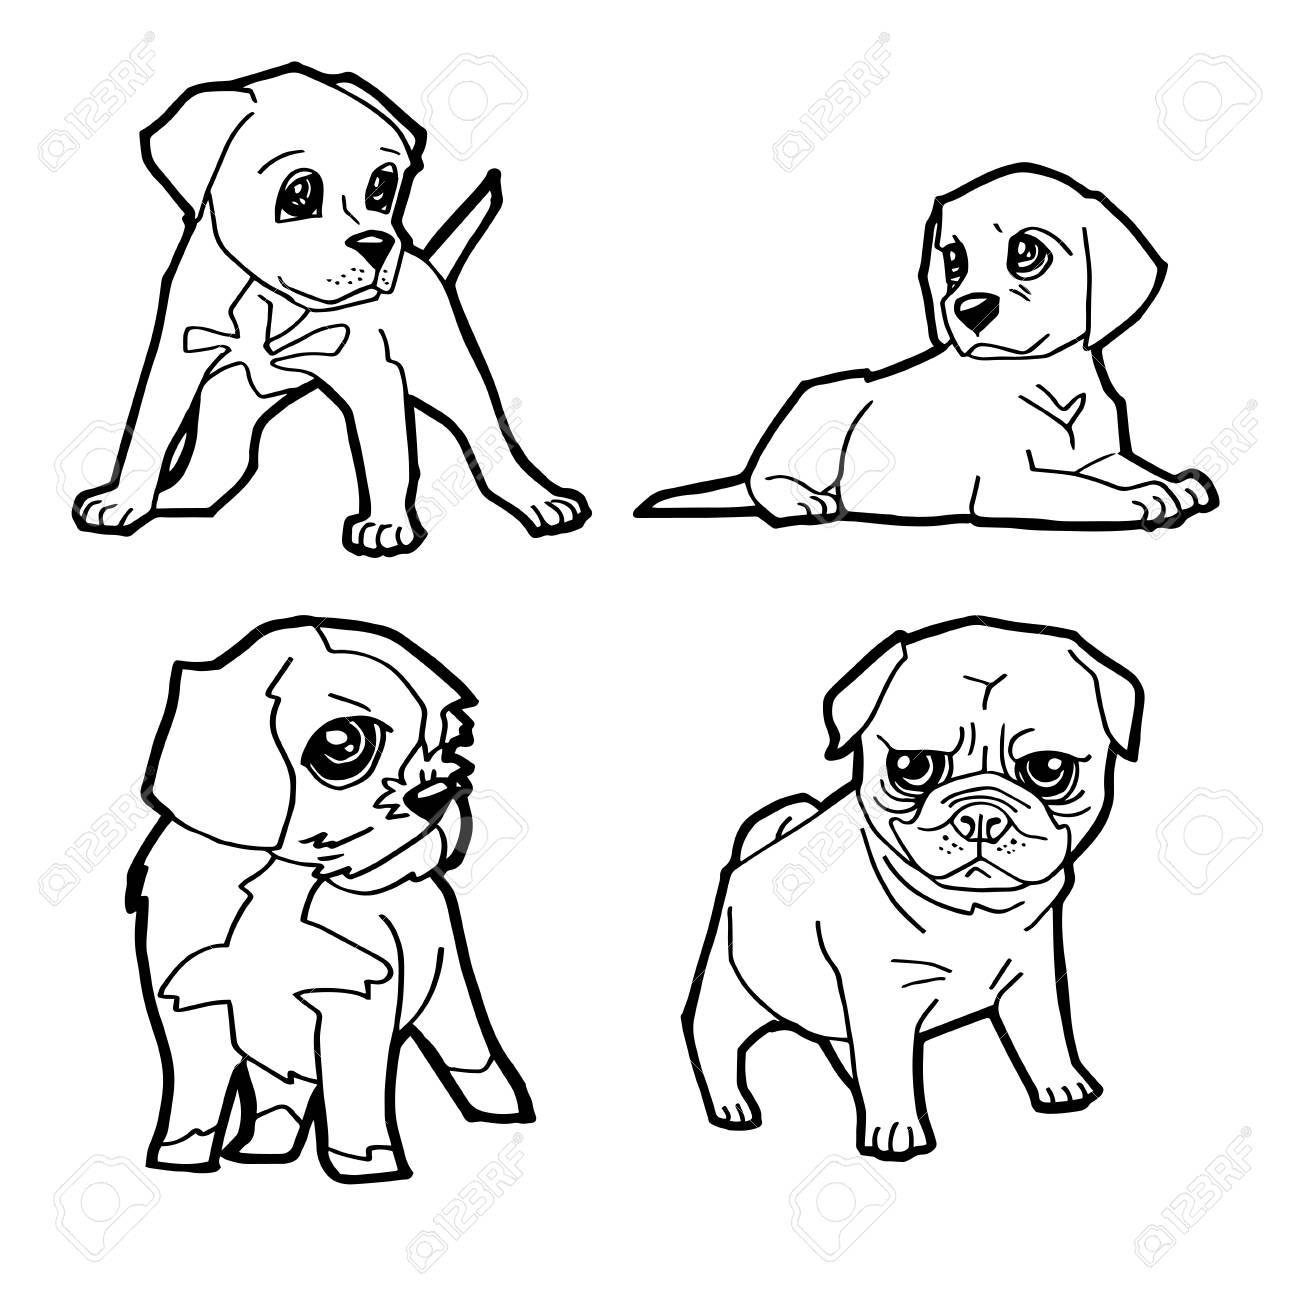 Conjunto De Dibujos Animados Lindo Perro Para Colorear Página Ilustración Vectorial